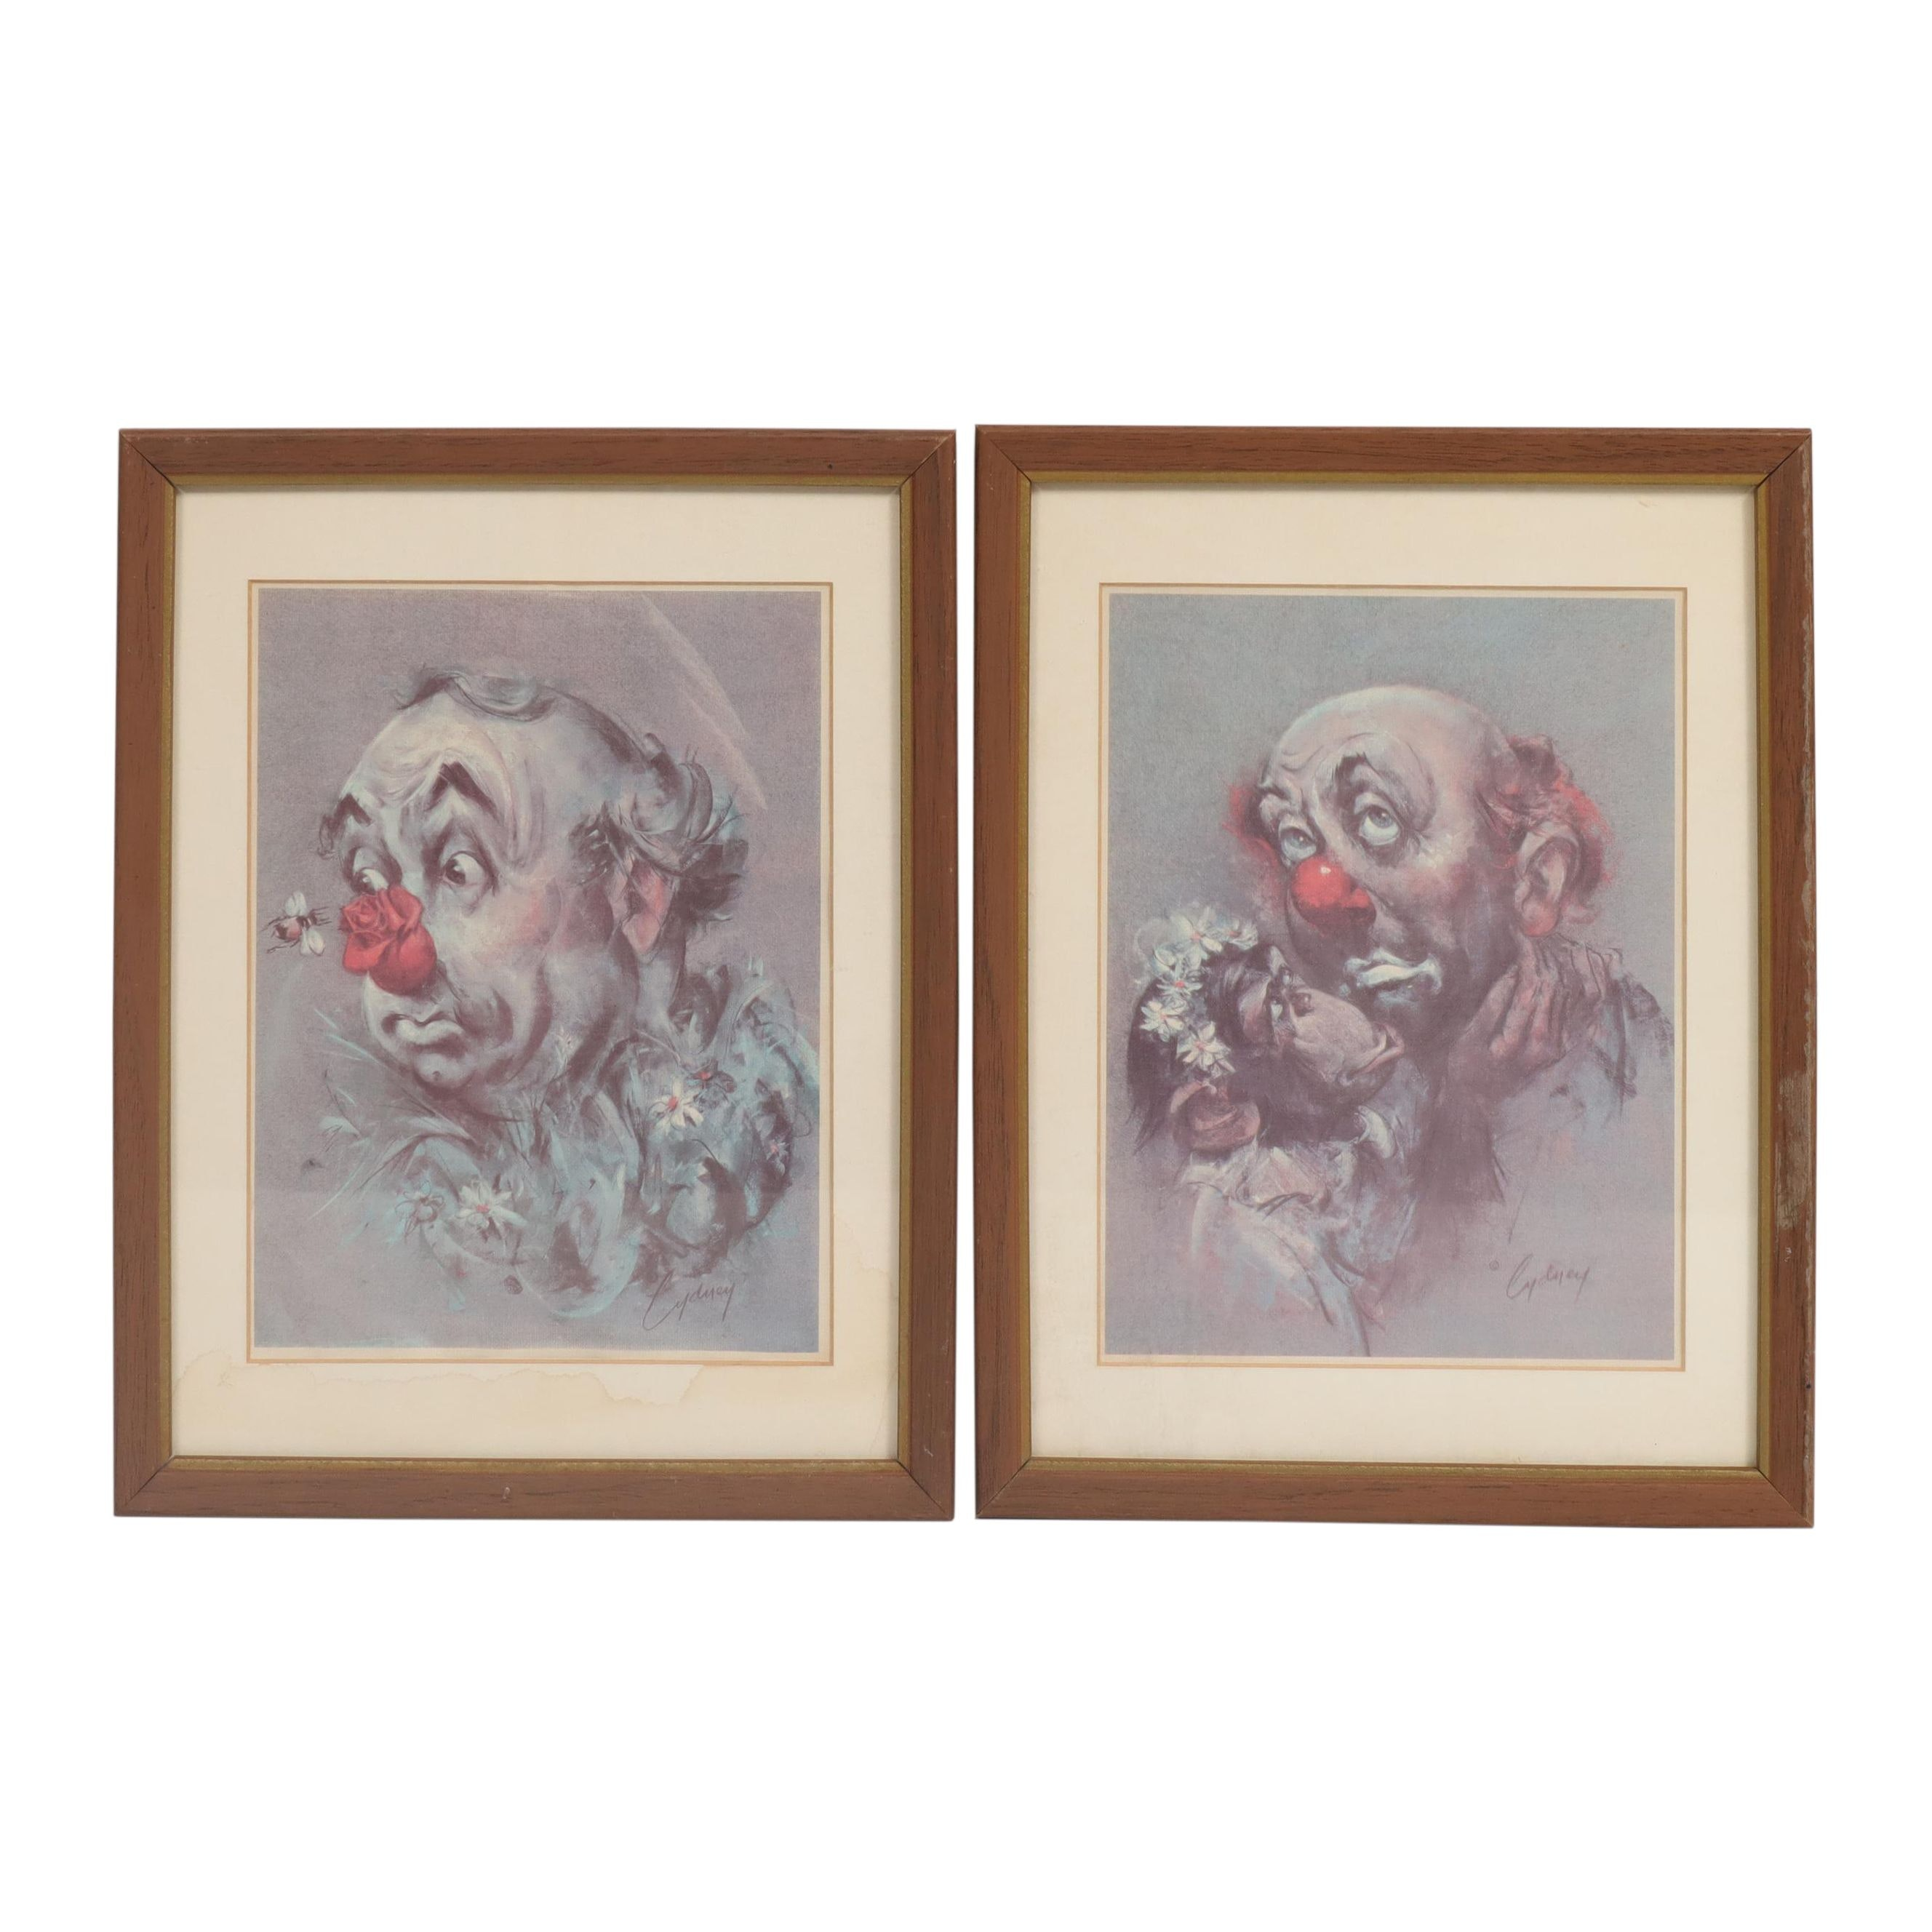 Clown Offset Lithographs after Cydney Grossman